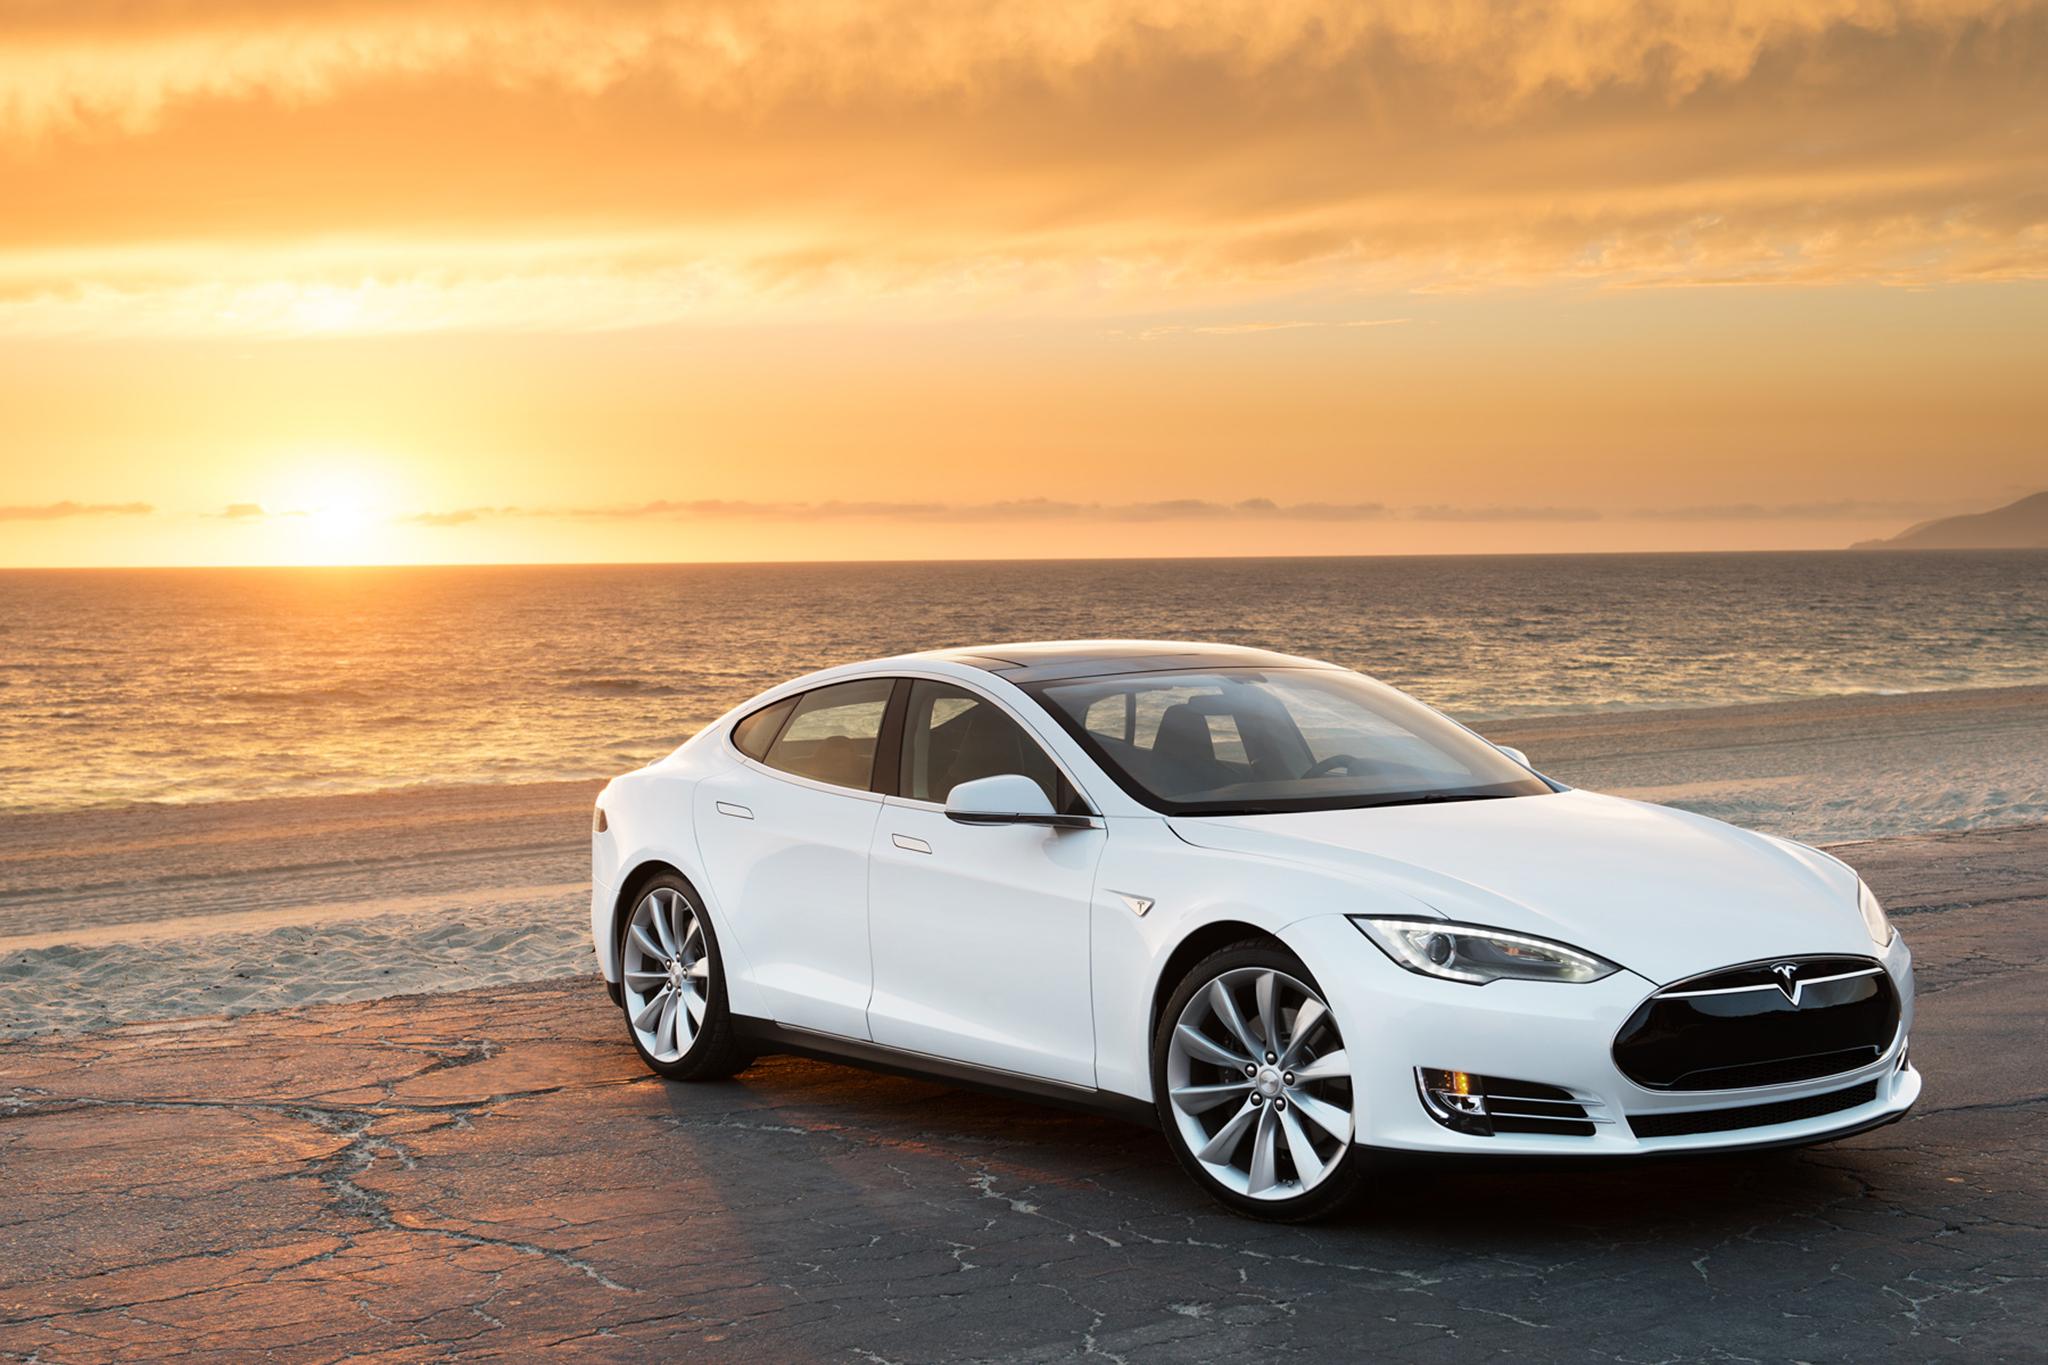 Tesla Model S Images